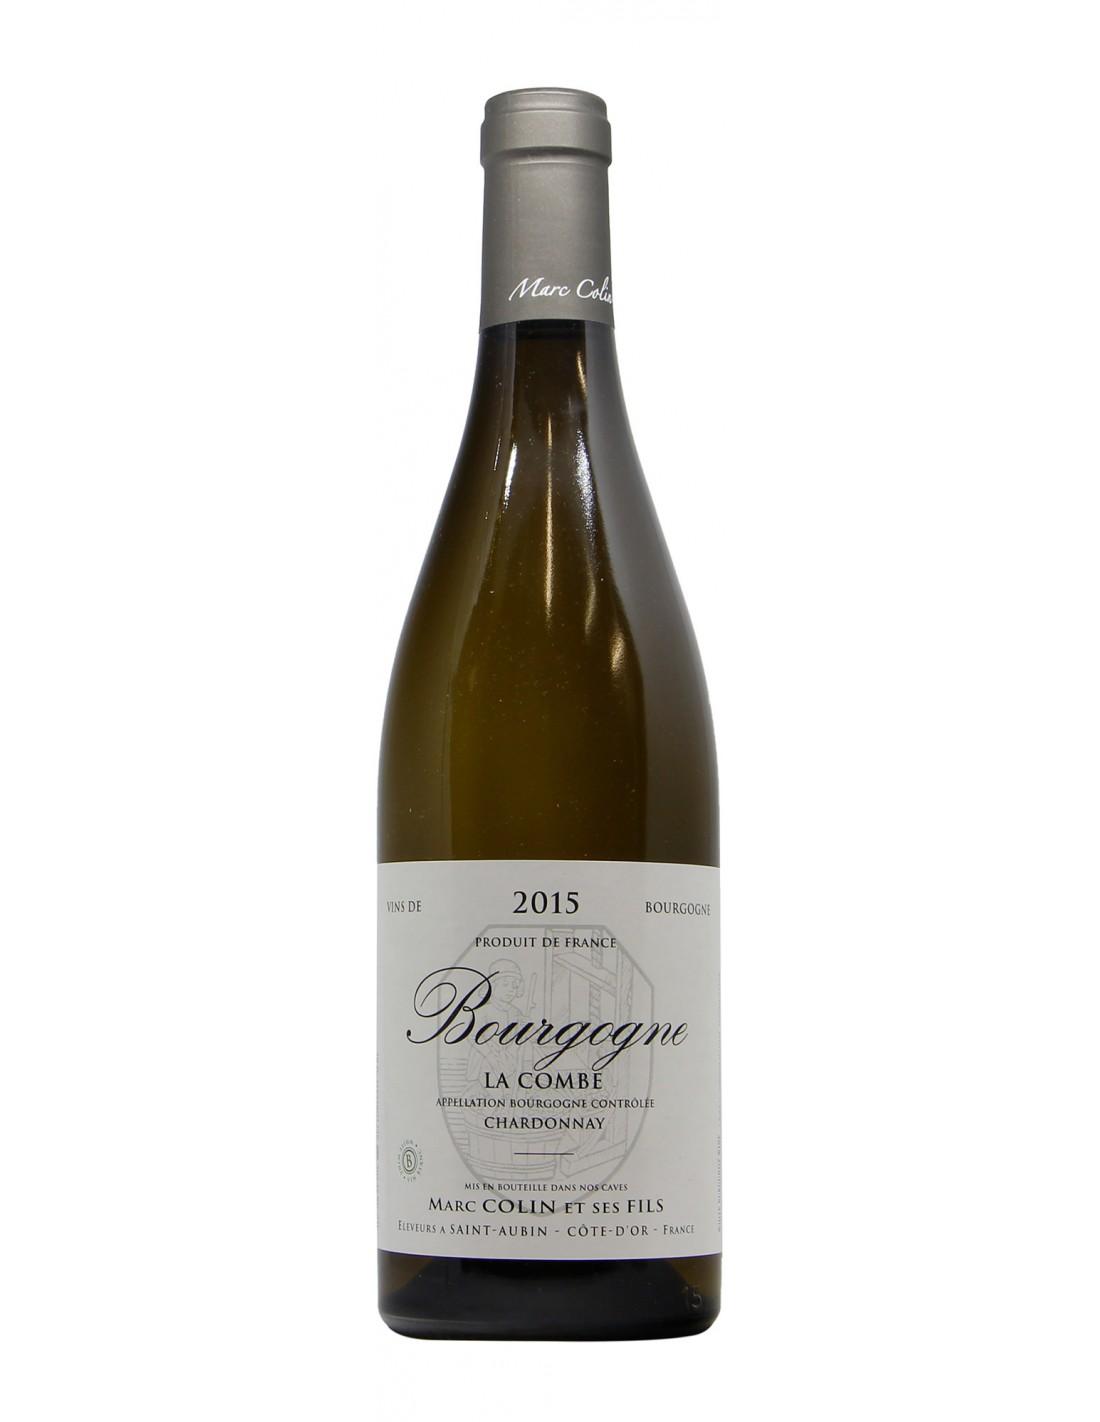 Bourgogne Chardonnay La Combe 2015 MARC COLIN GRANDI BOTTIGLIE